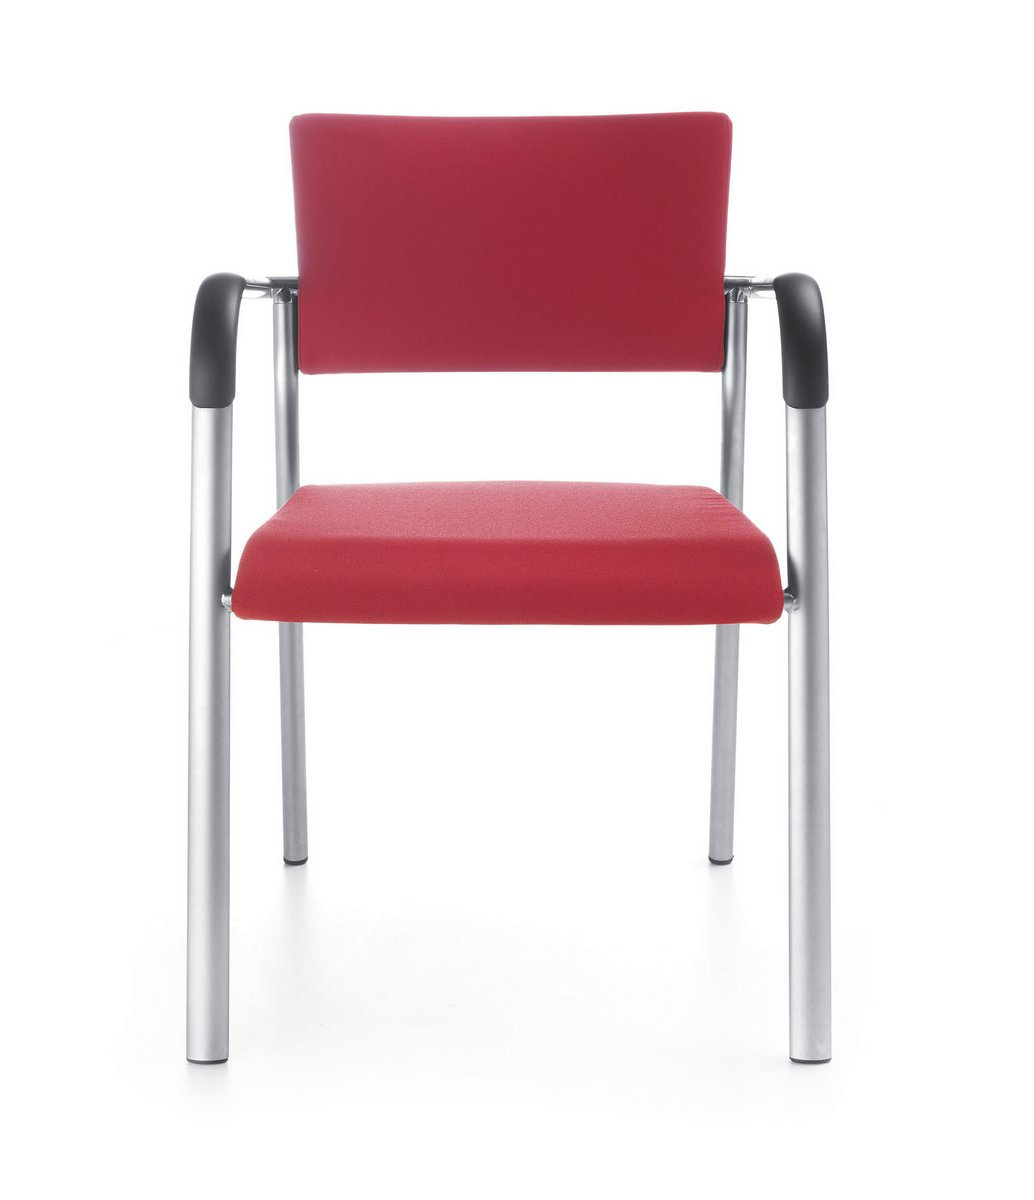 Czerwone krzesła konferencyjne KALA, czerwone fotele konferencyjne KALA